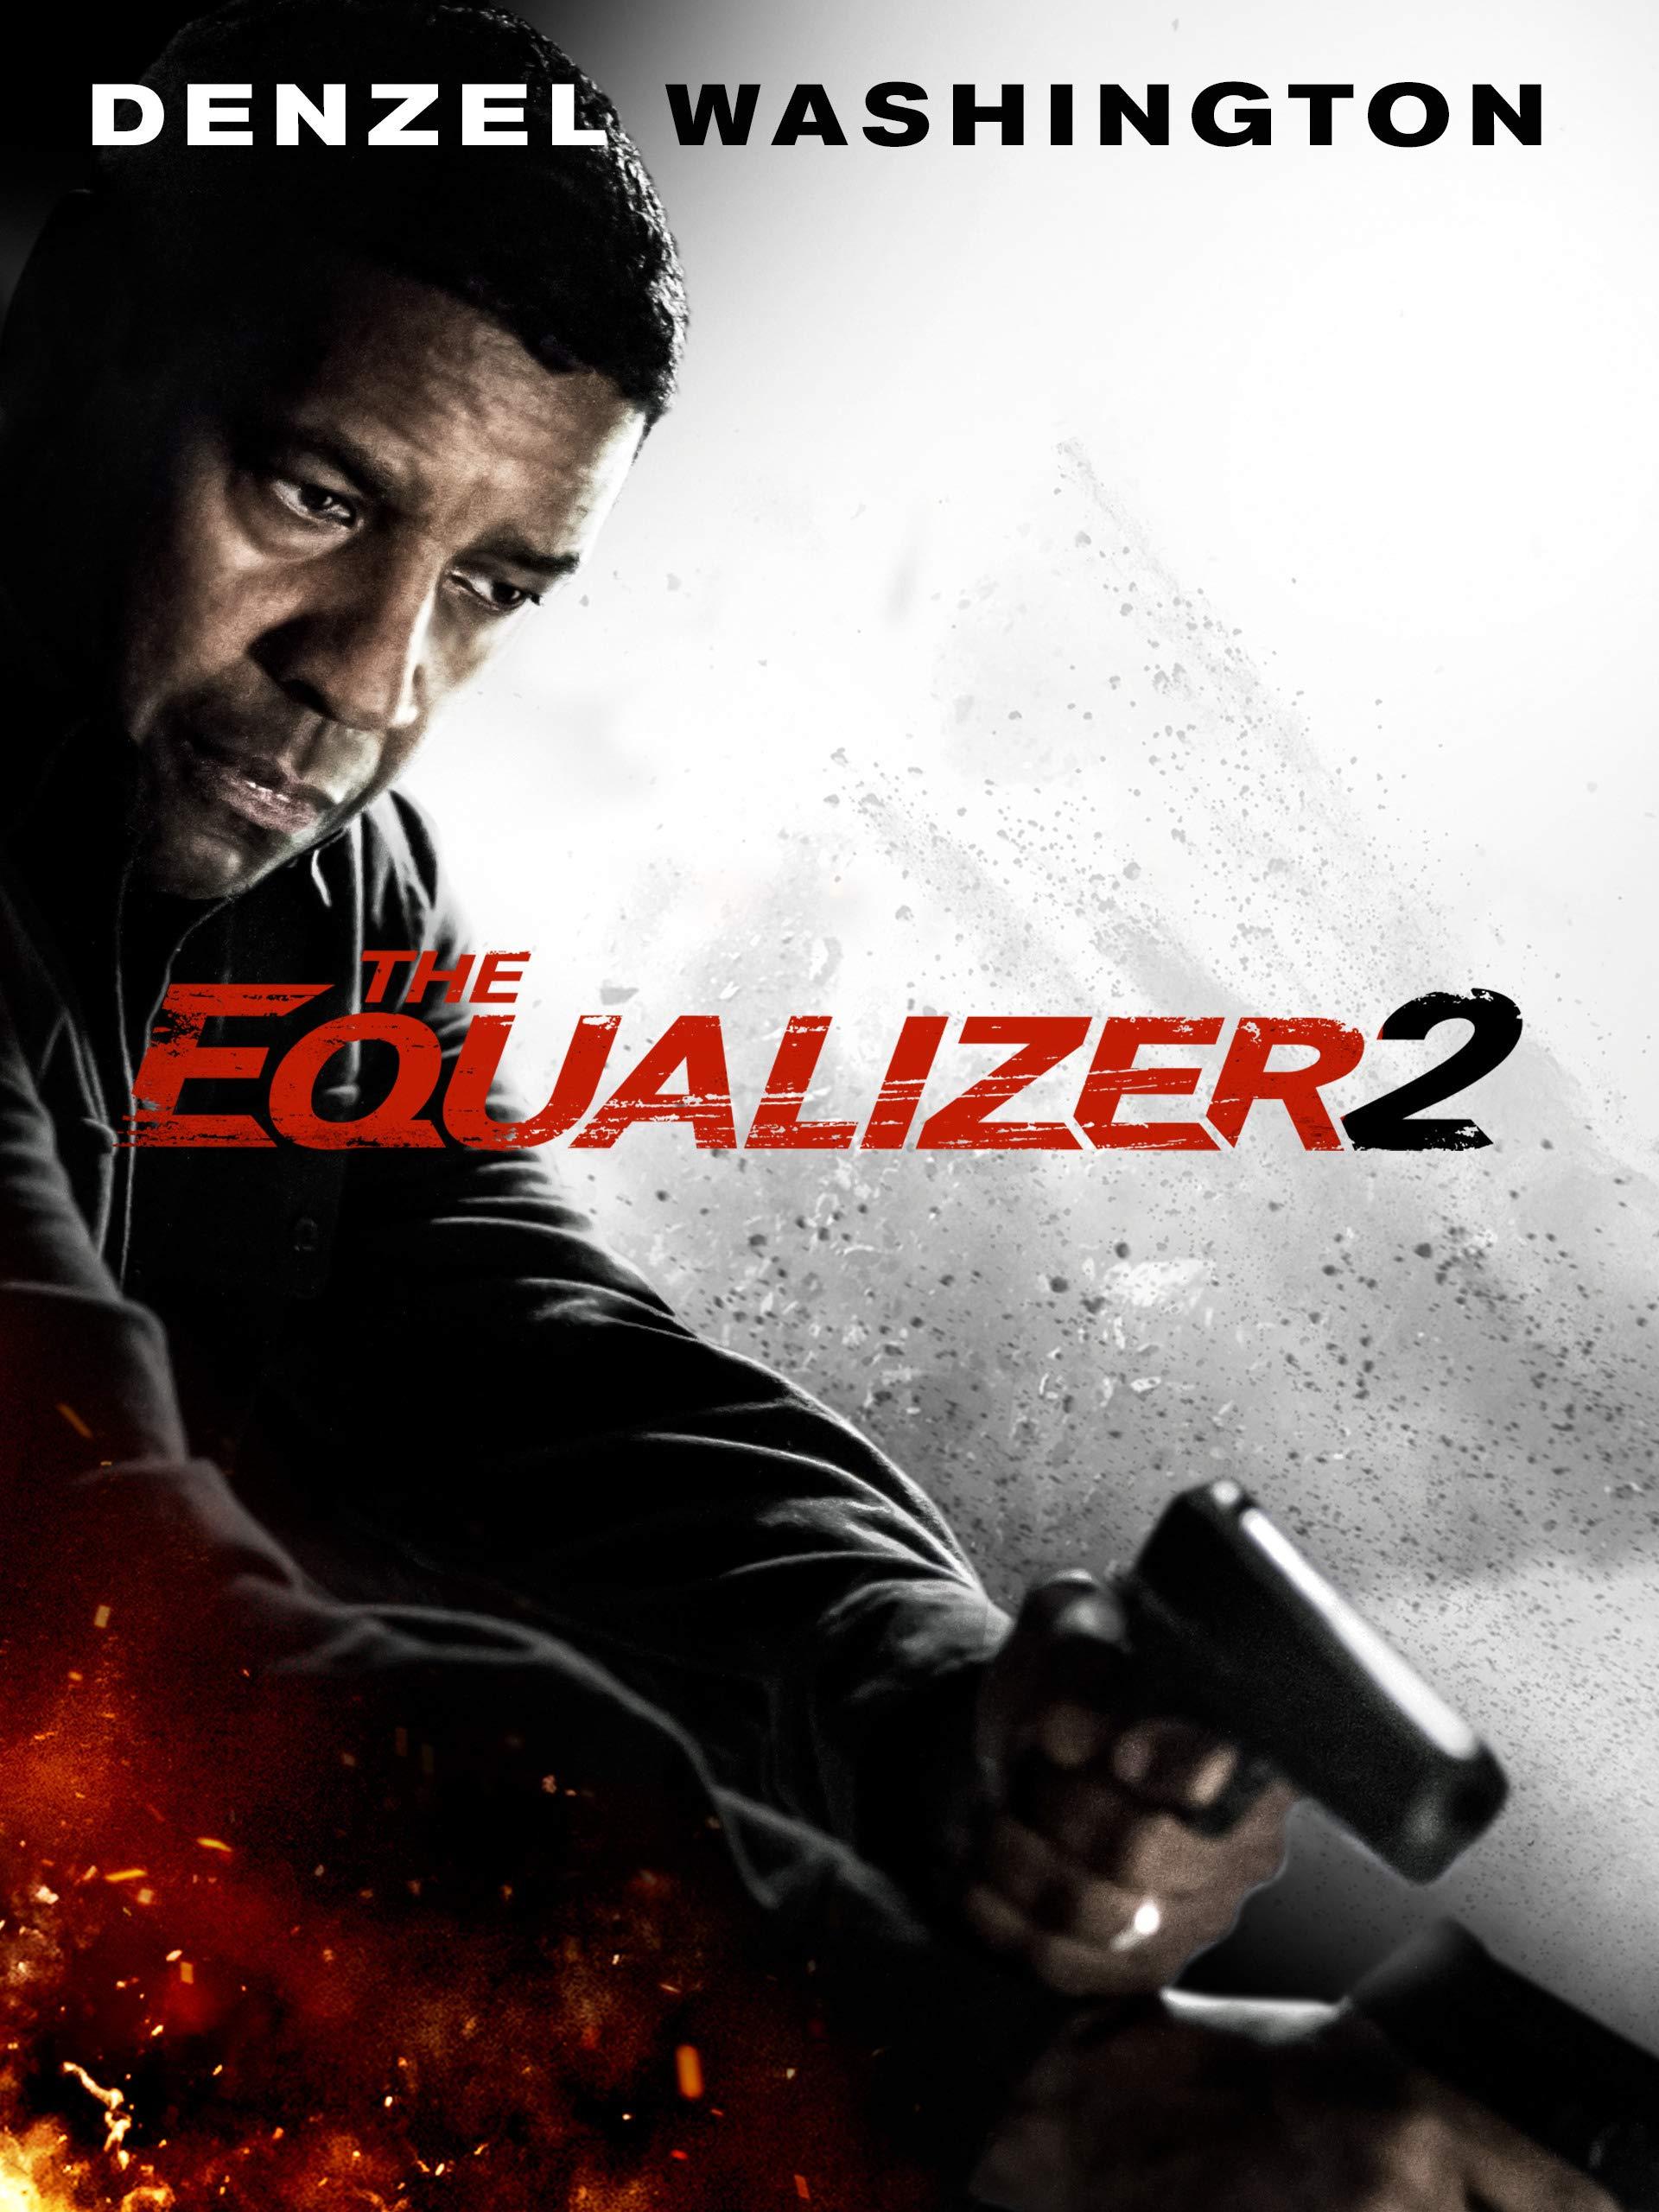 دانلود فیلم The Equalizer 2 با دوبله فارسی